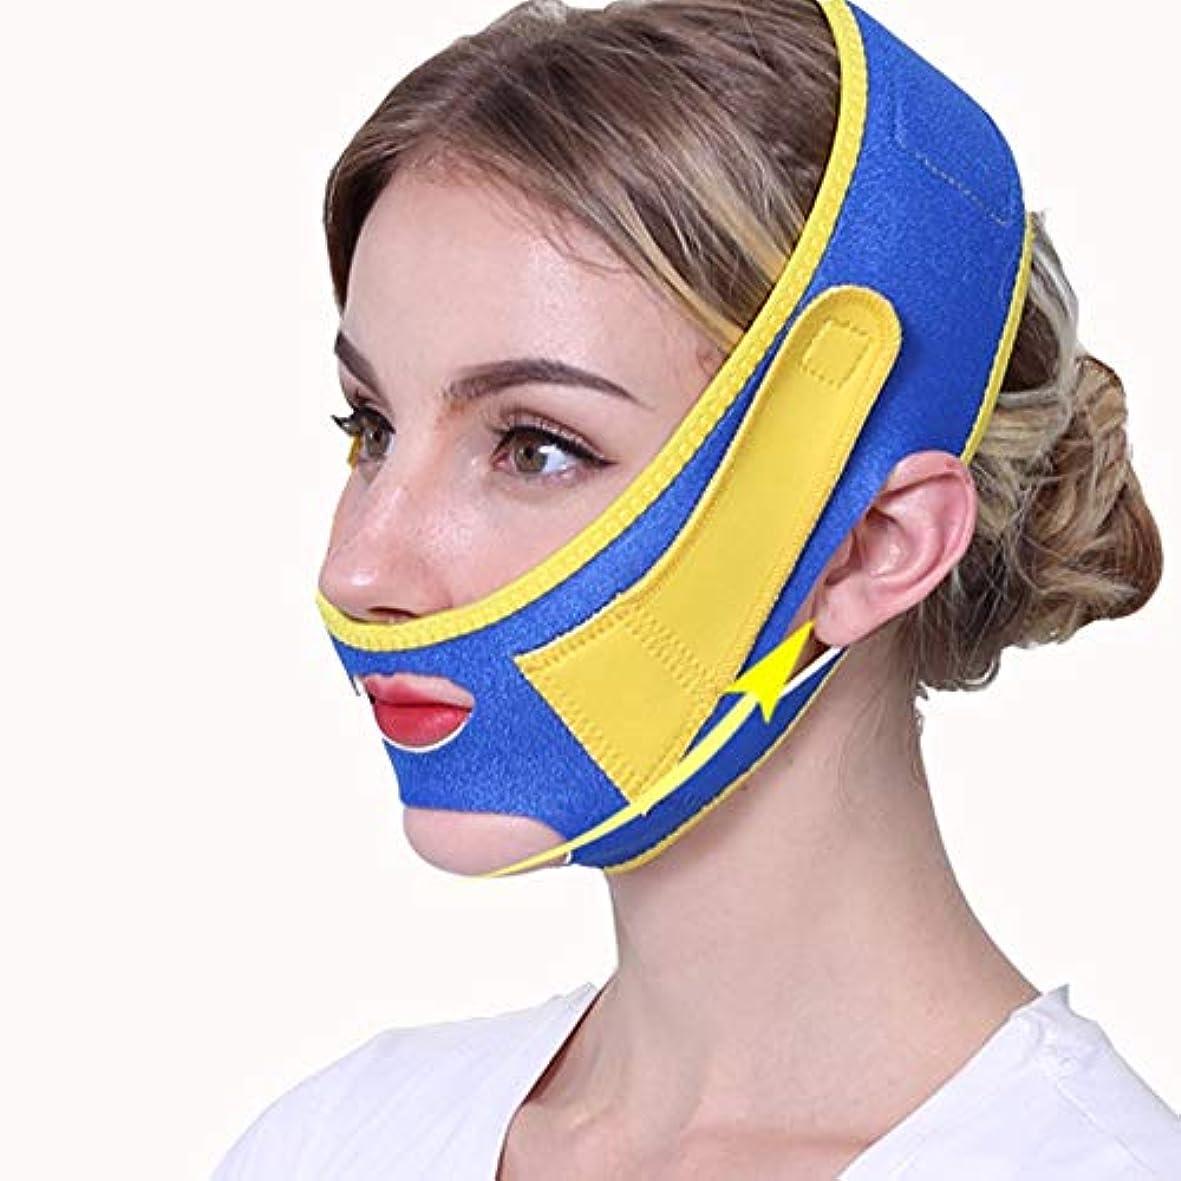 インカ帝国提供する振り向くXINGZHE フェイシャルリフティング痩身ベルトフェイス包帯マスク整形マスクフェイスベルトを引き締める薄型フェイス包帯整形マスクフェイスと首の顔を引き締めスリム フェイスリフティングベルト